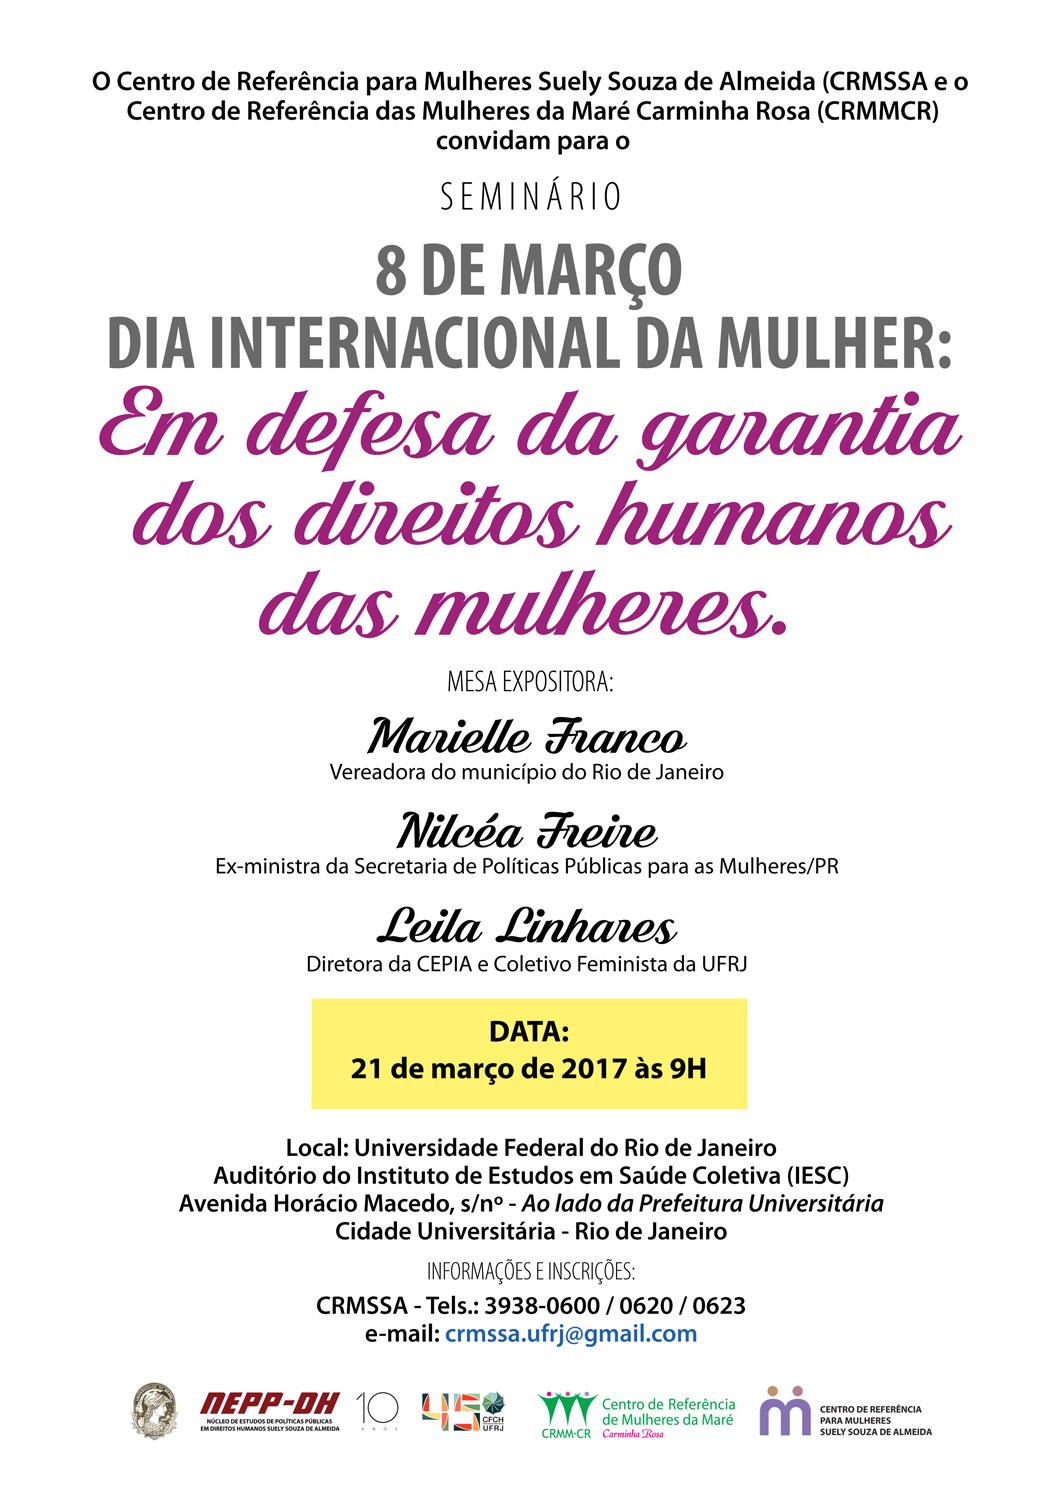 Seminário: Em defesa da garantia dos direitos humanos das mulheres